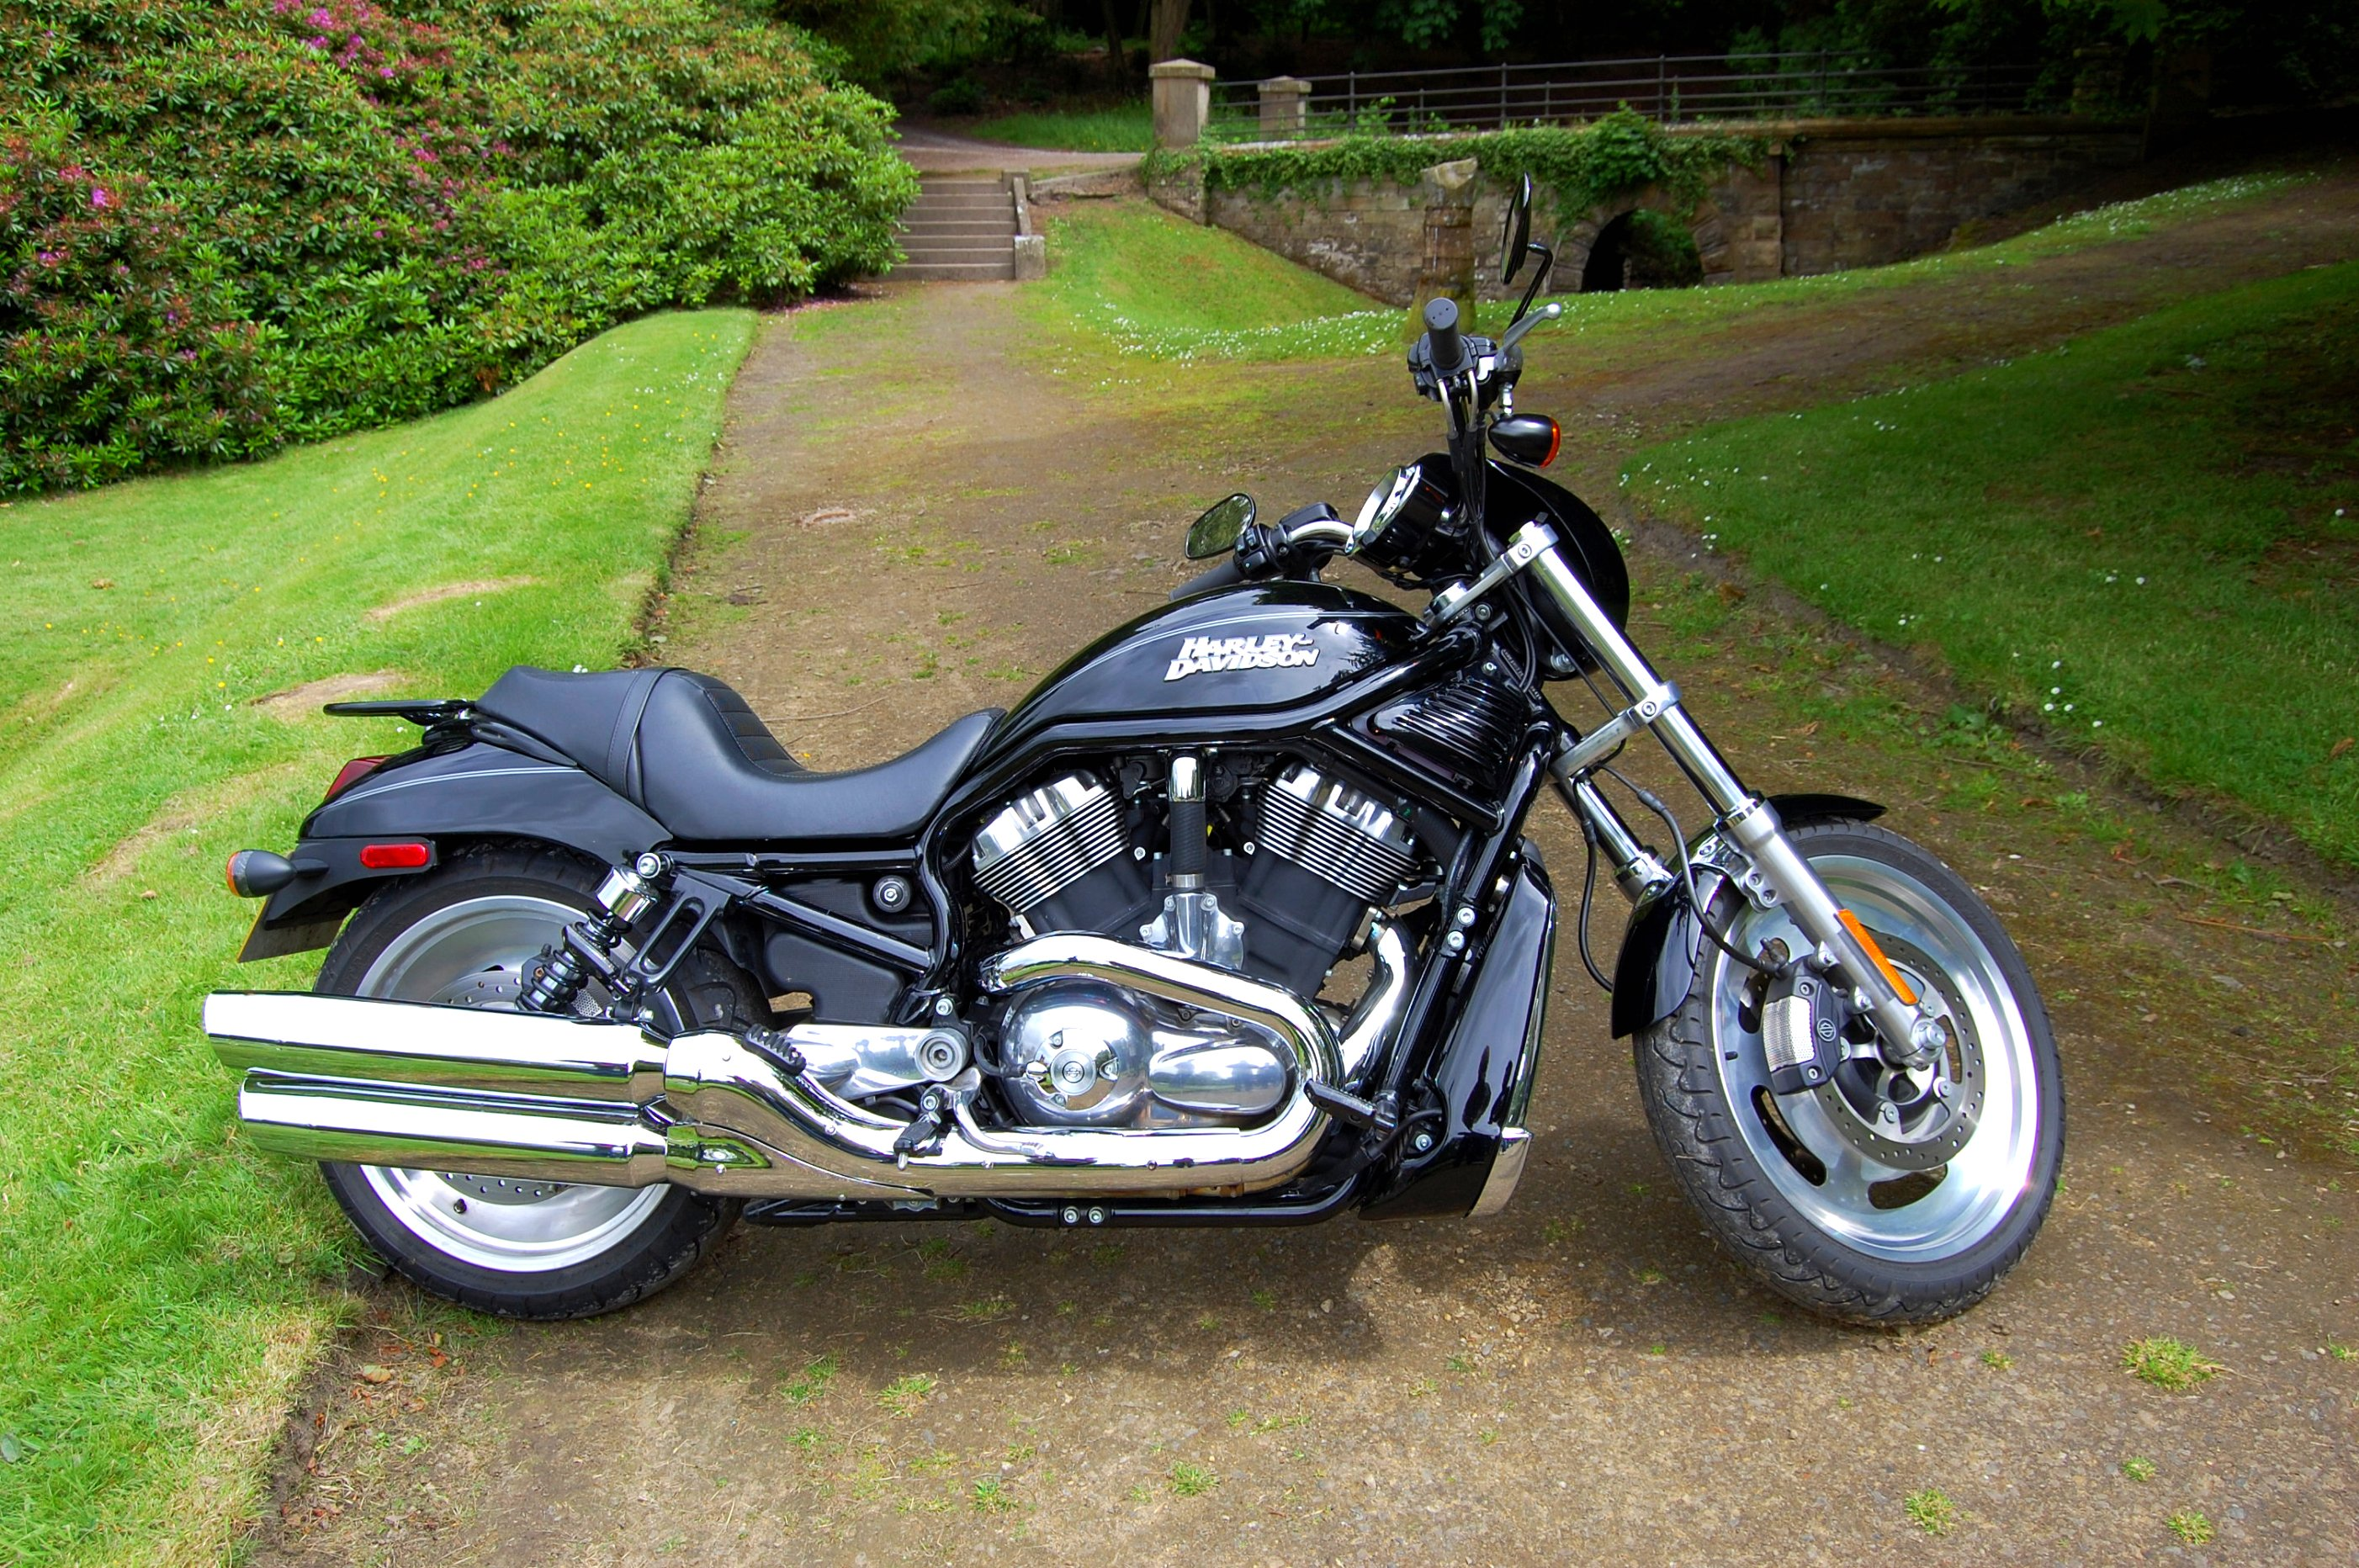 Harley Davidson Usa: HARLEY- DAVIDSON. VRSC 1250 CC. V TWIN. USA.